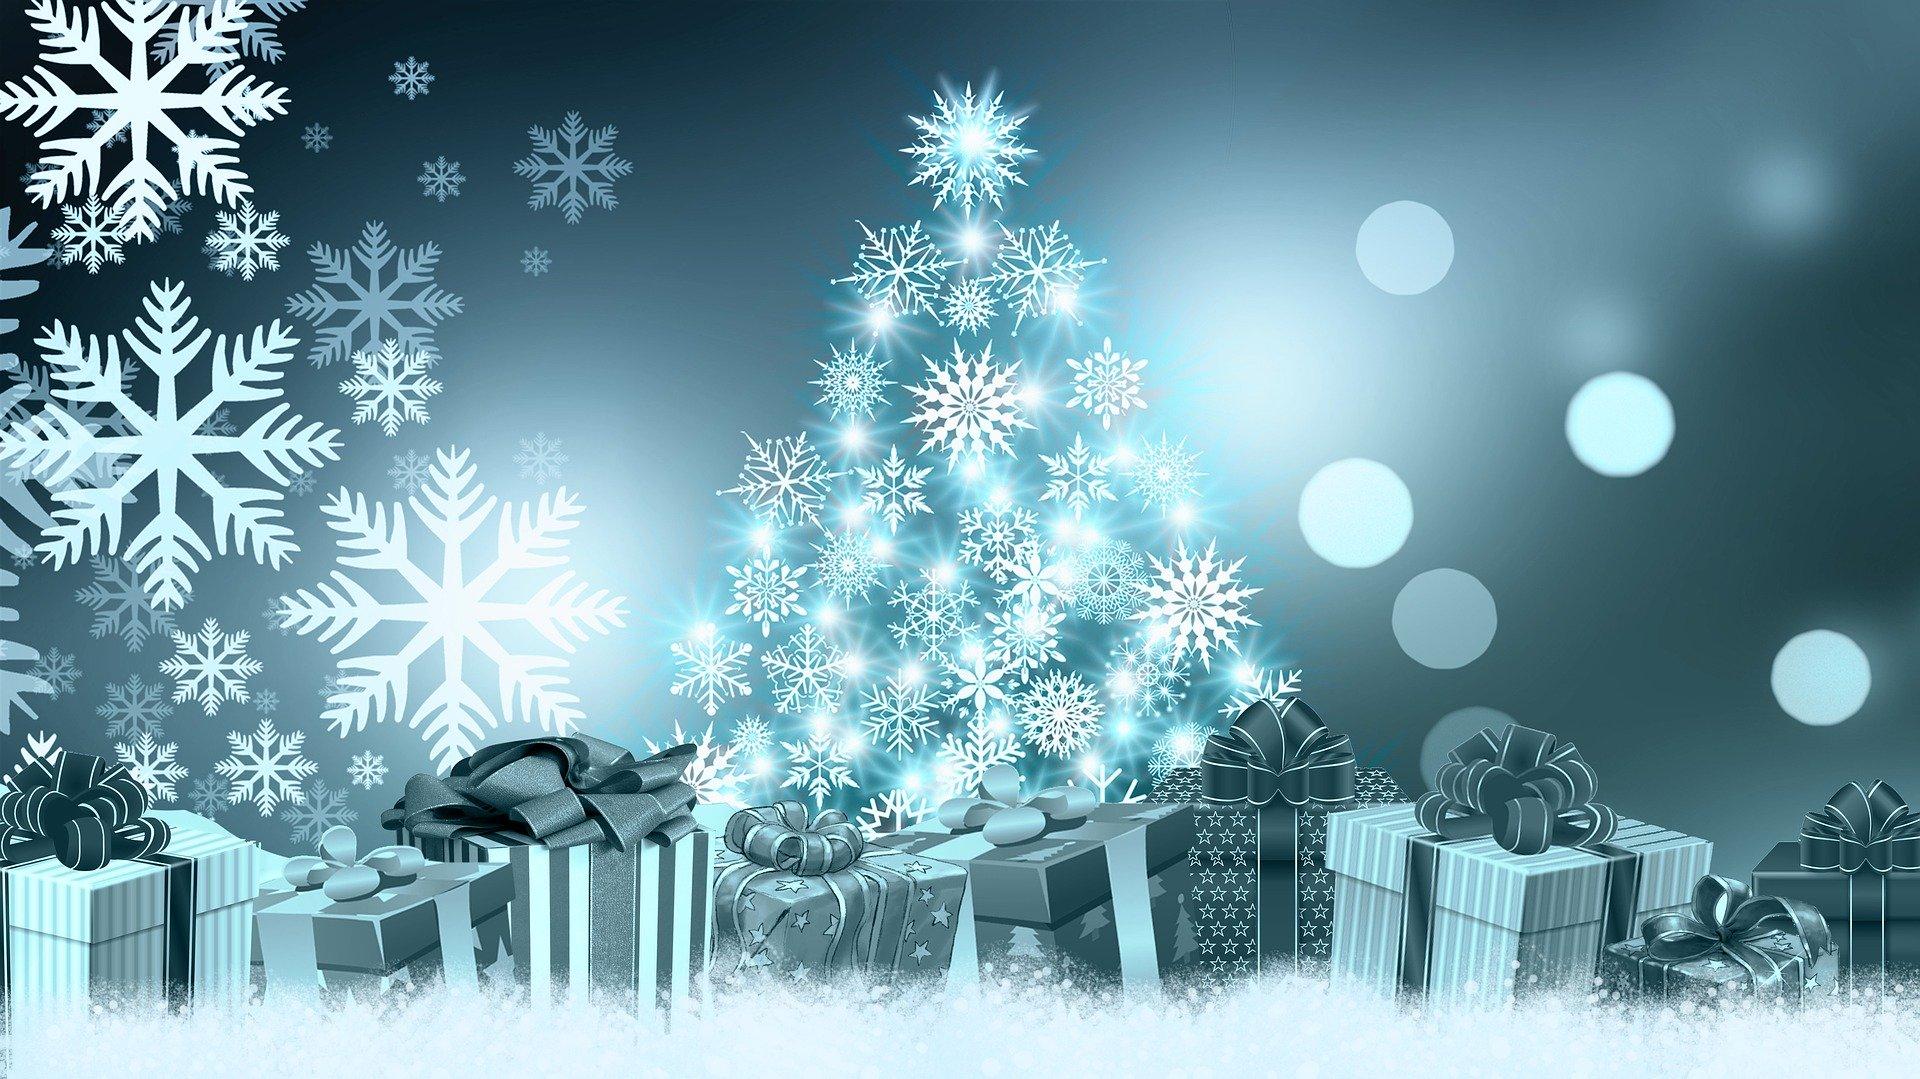 Wir wünschen Ihnen besinnliche Weihnachtsfeiertage